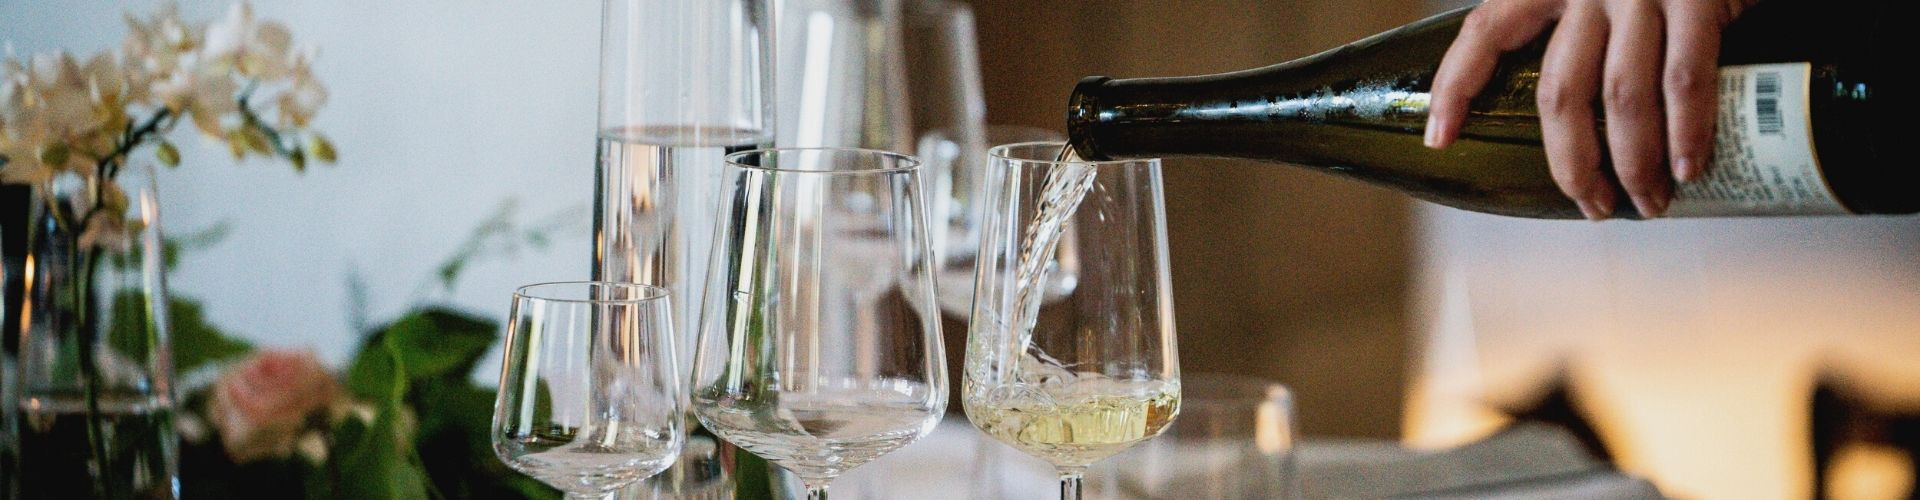 Wino Schenk Holding